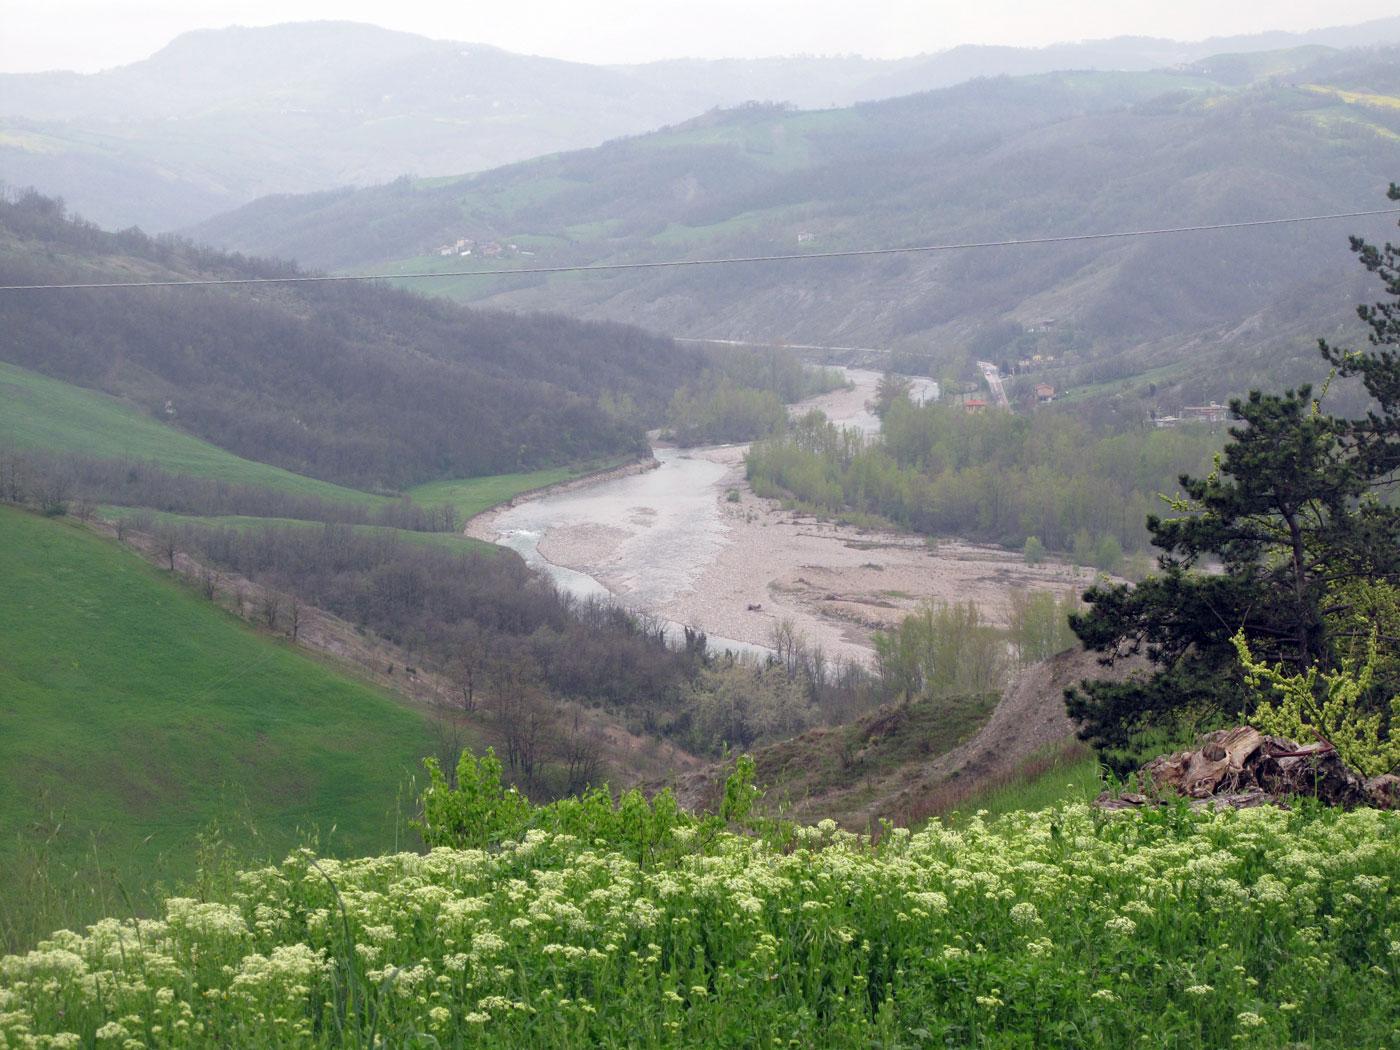 Il fiume Panaro, visto dalle colline sopra la riva destra, quella investita dalla battaglia di Pieve di Trebbio